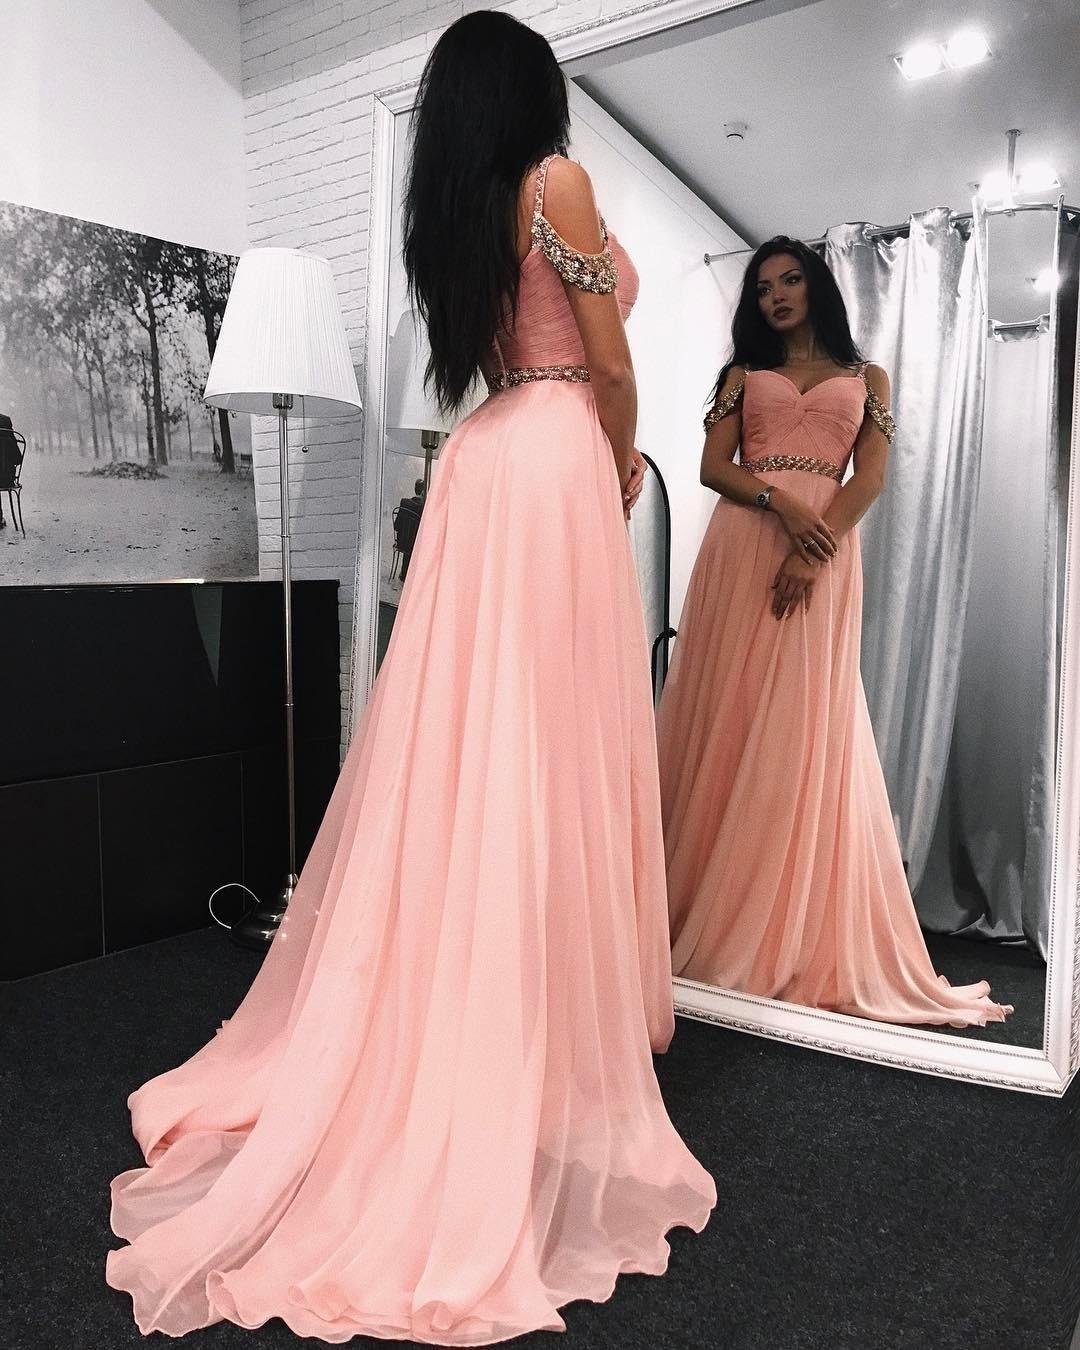 Abend Leicht Abendkleider Mit Glitzer für 2019Designer Wunderbar Abendkleider Mit Glitzer Stylish